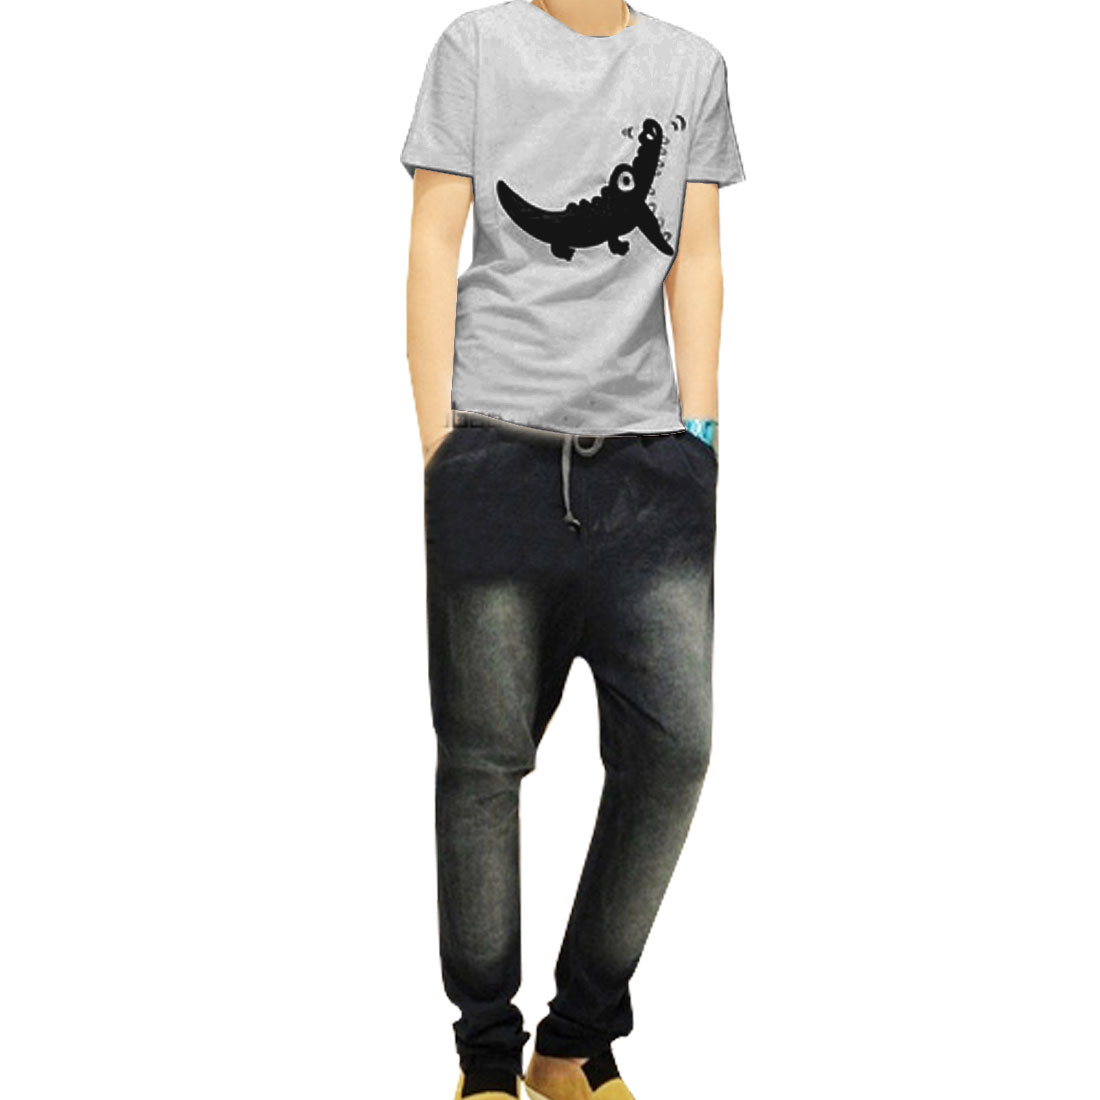 Short Sleeves Summer Leisure T-Shirt Blouse Gray S for Men